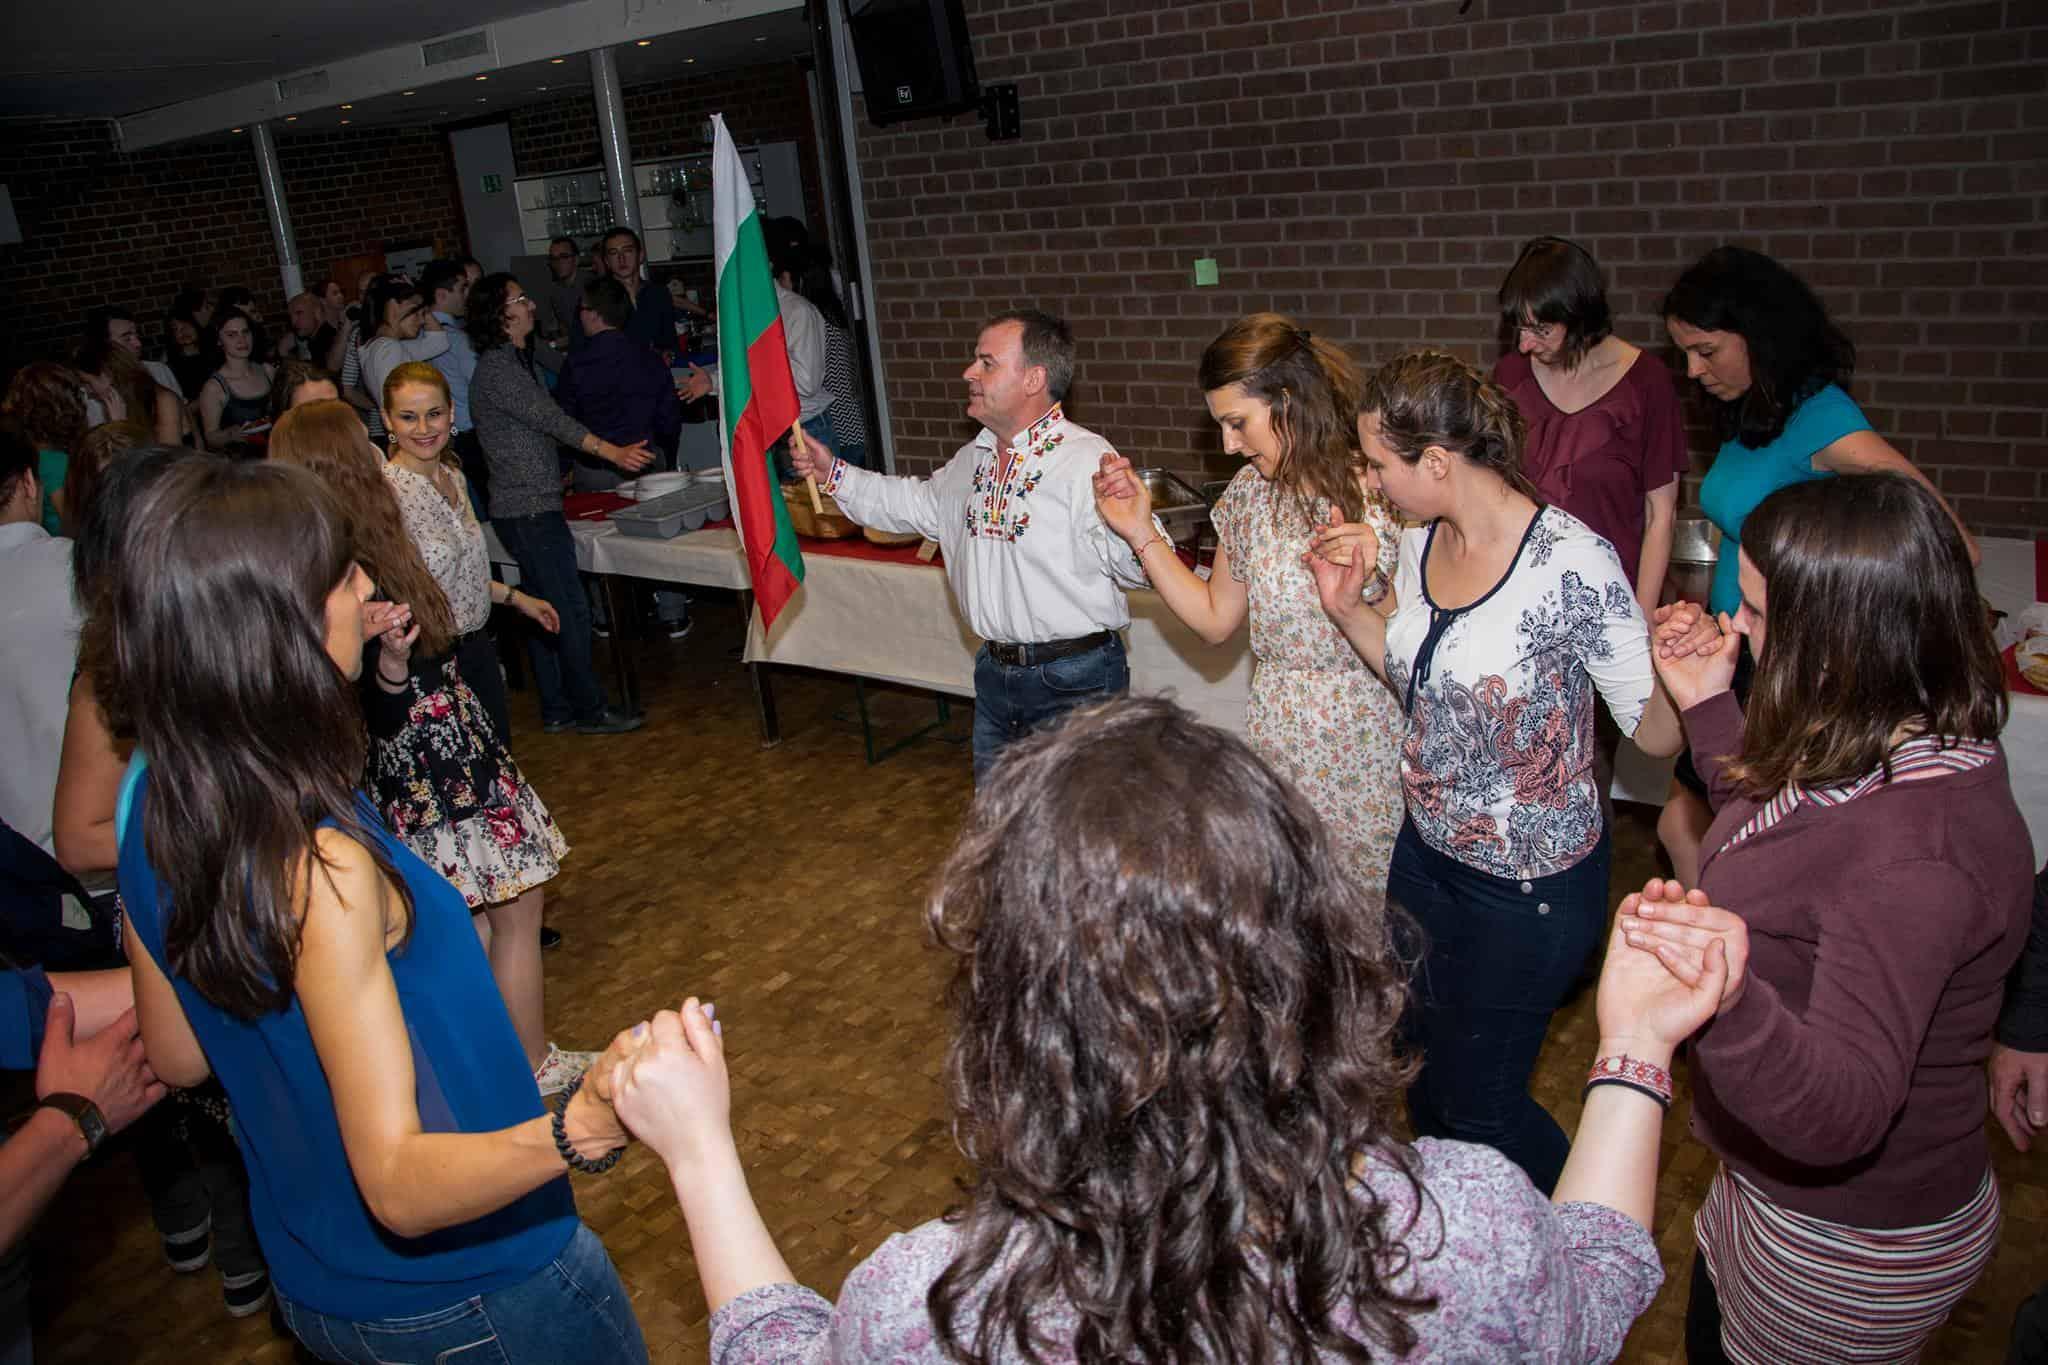 Българска културна вечер в Нюрнбергския регион снимка 8